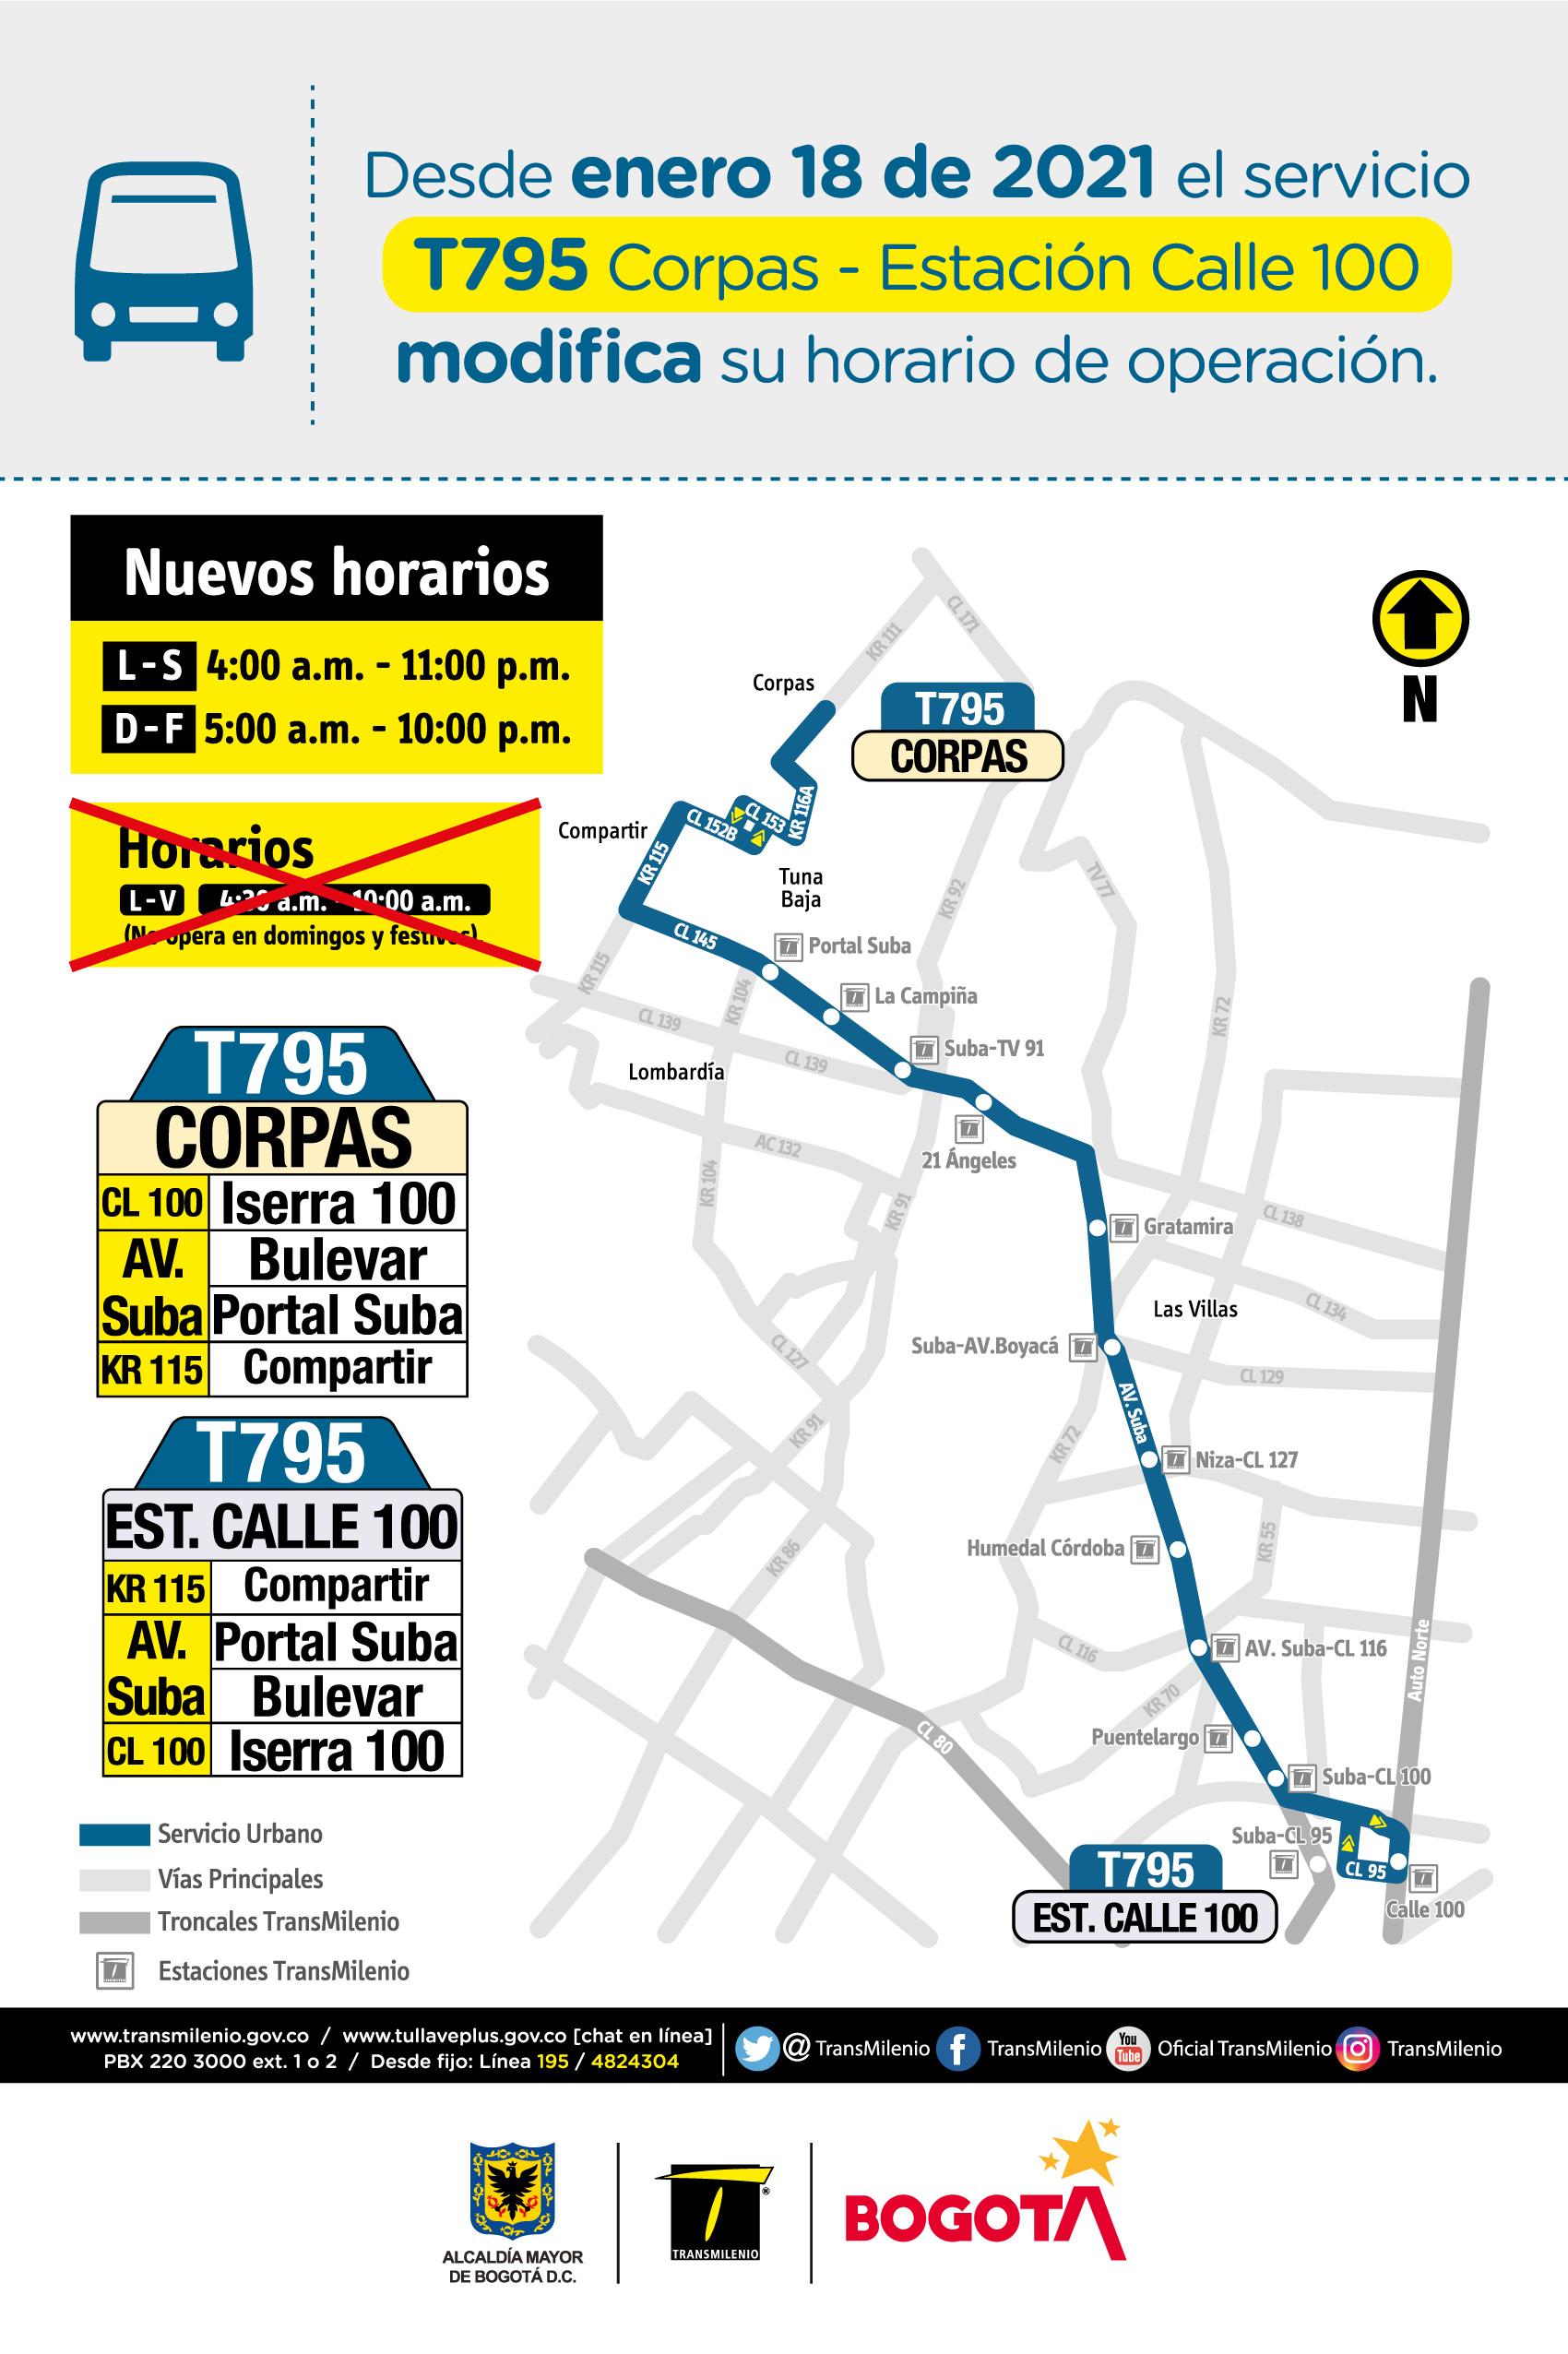 T795 Corpas - Estación Calle 100